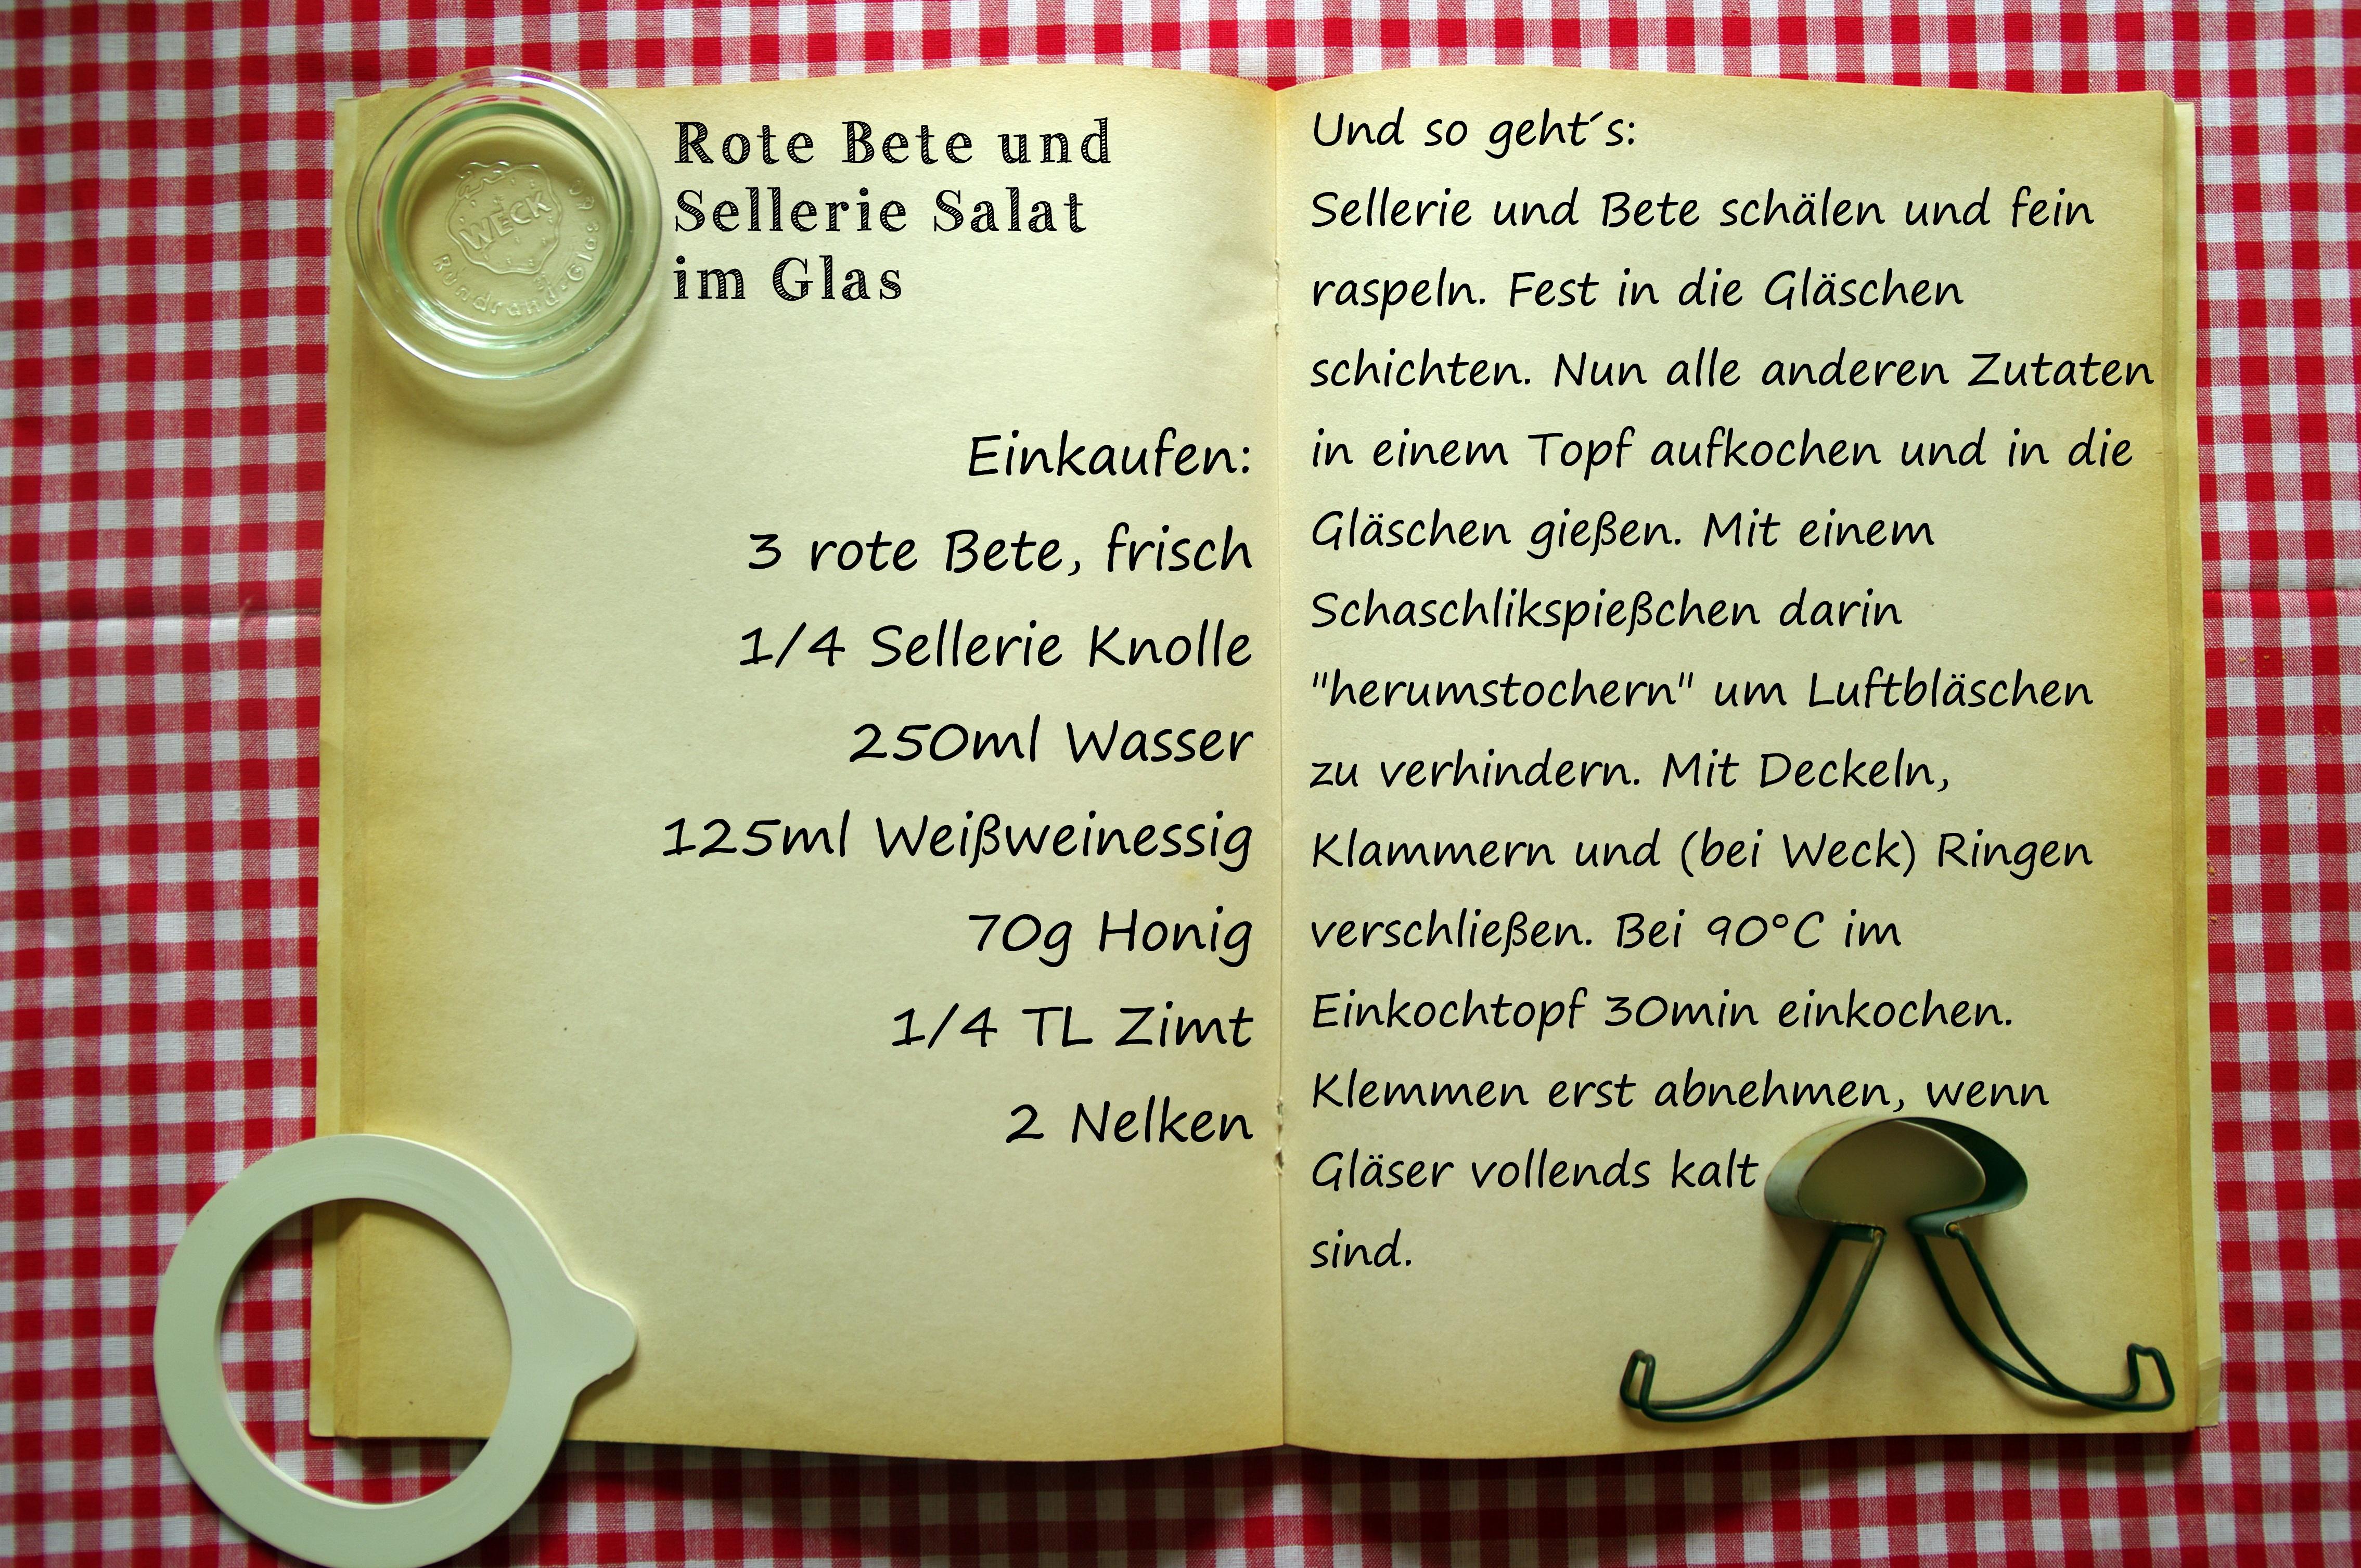 Einkaufszettel Rote Bete Salat eingeweckt by Glasgeflüster